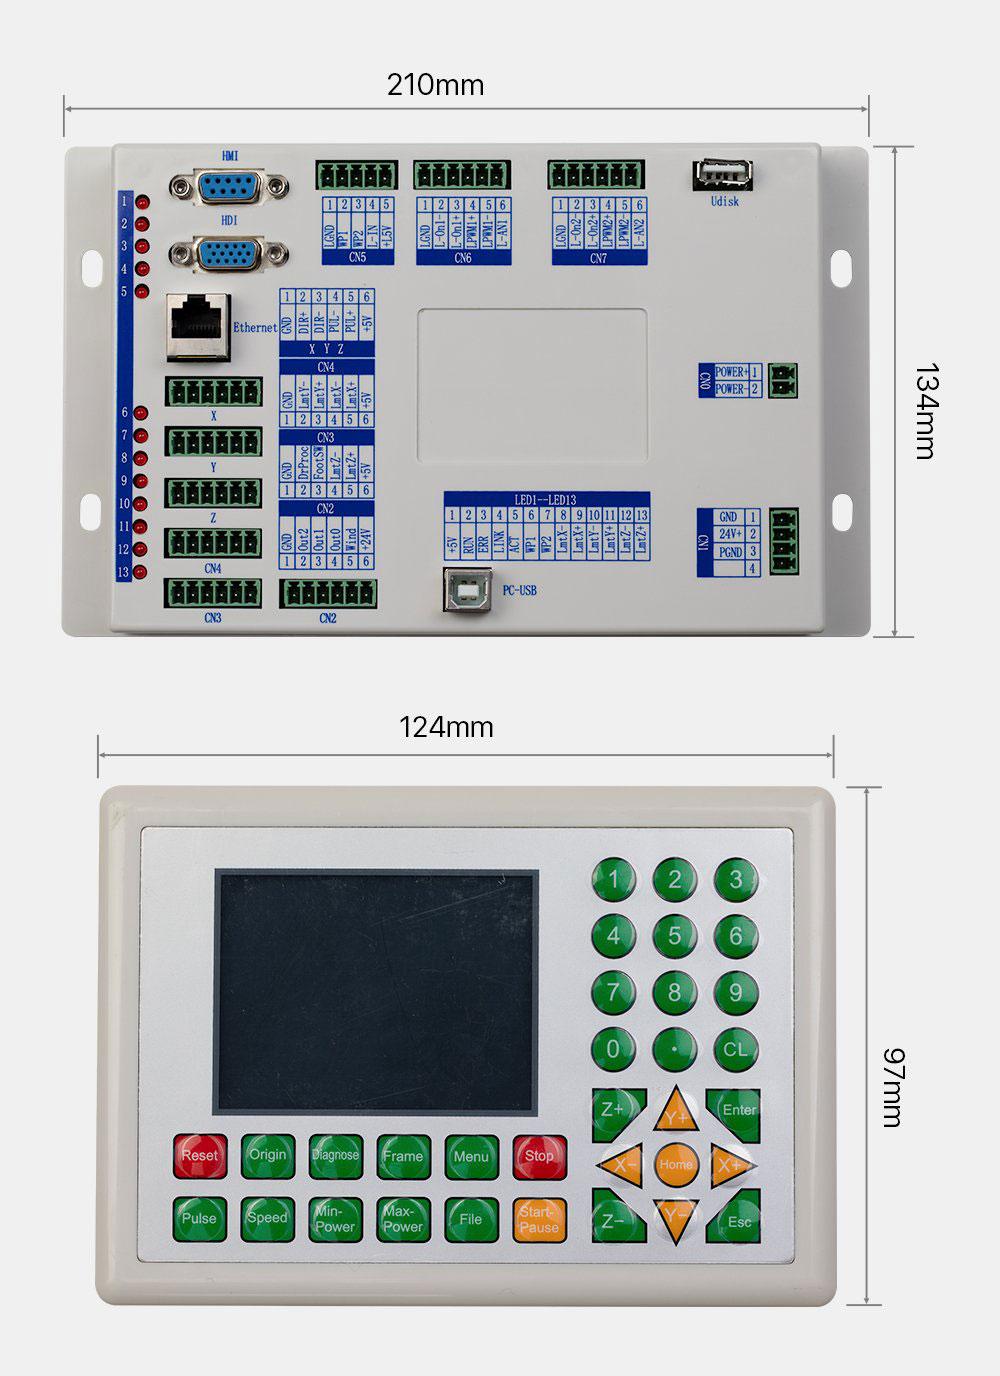 ابعاد مادربرد RDC6332G